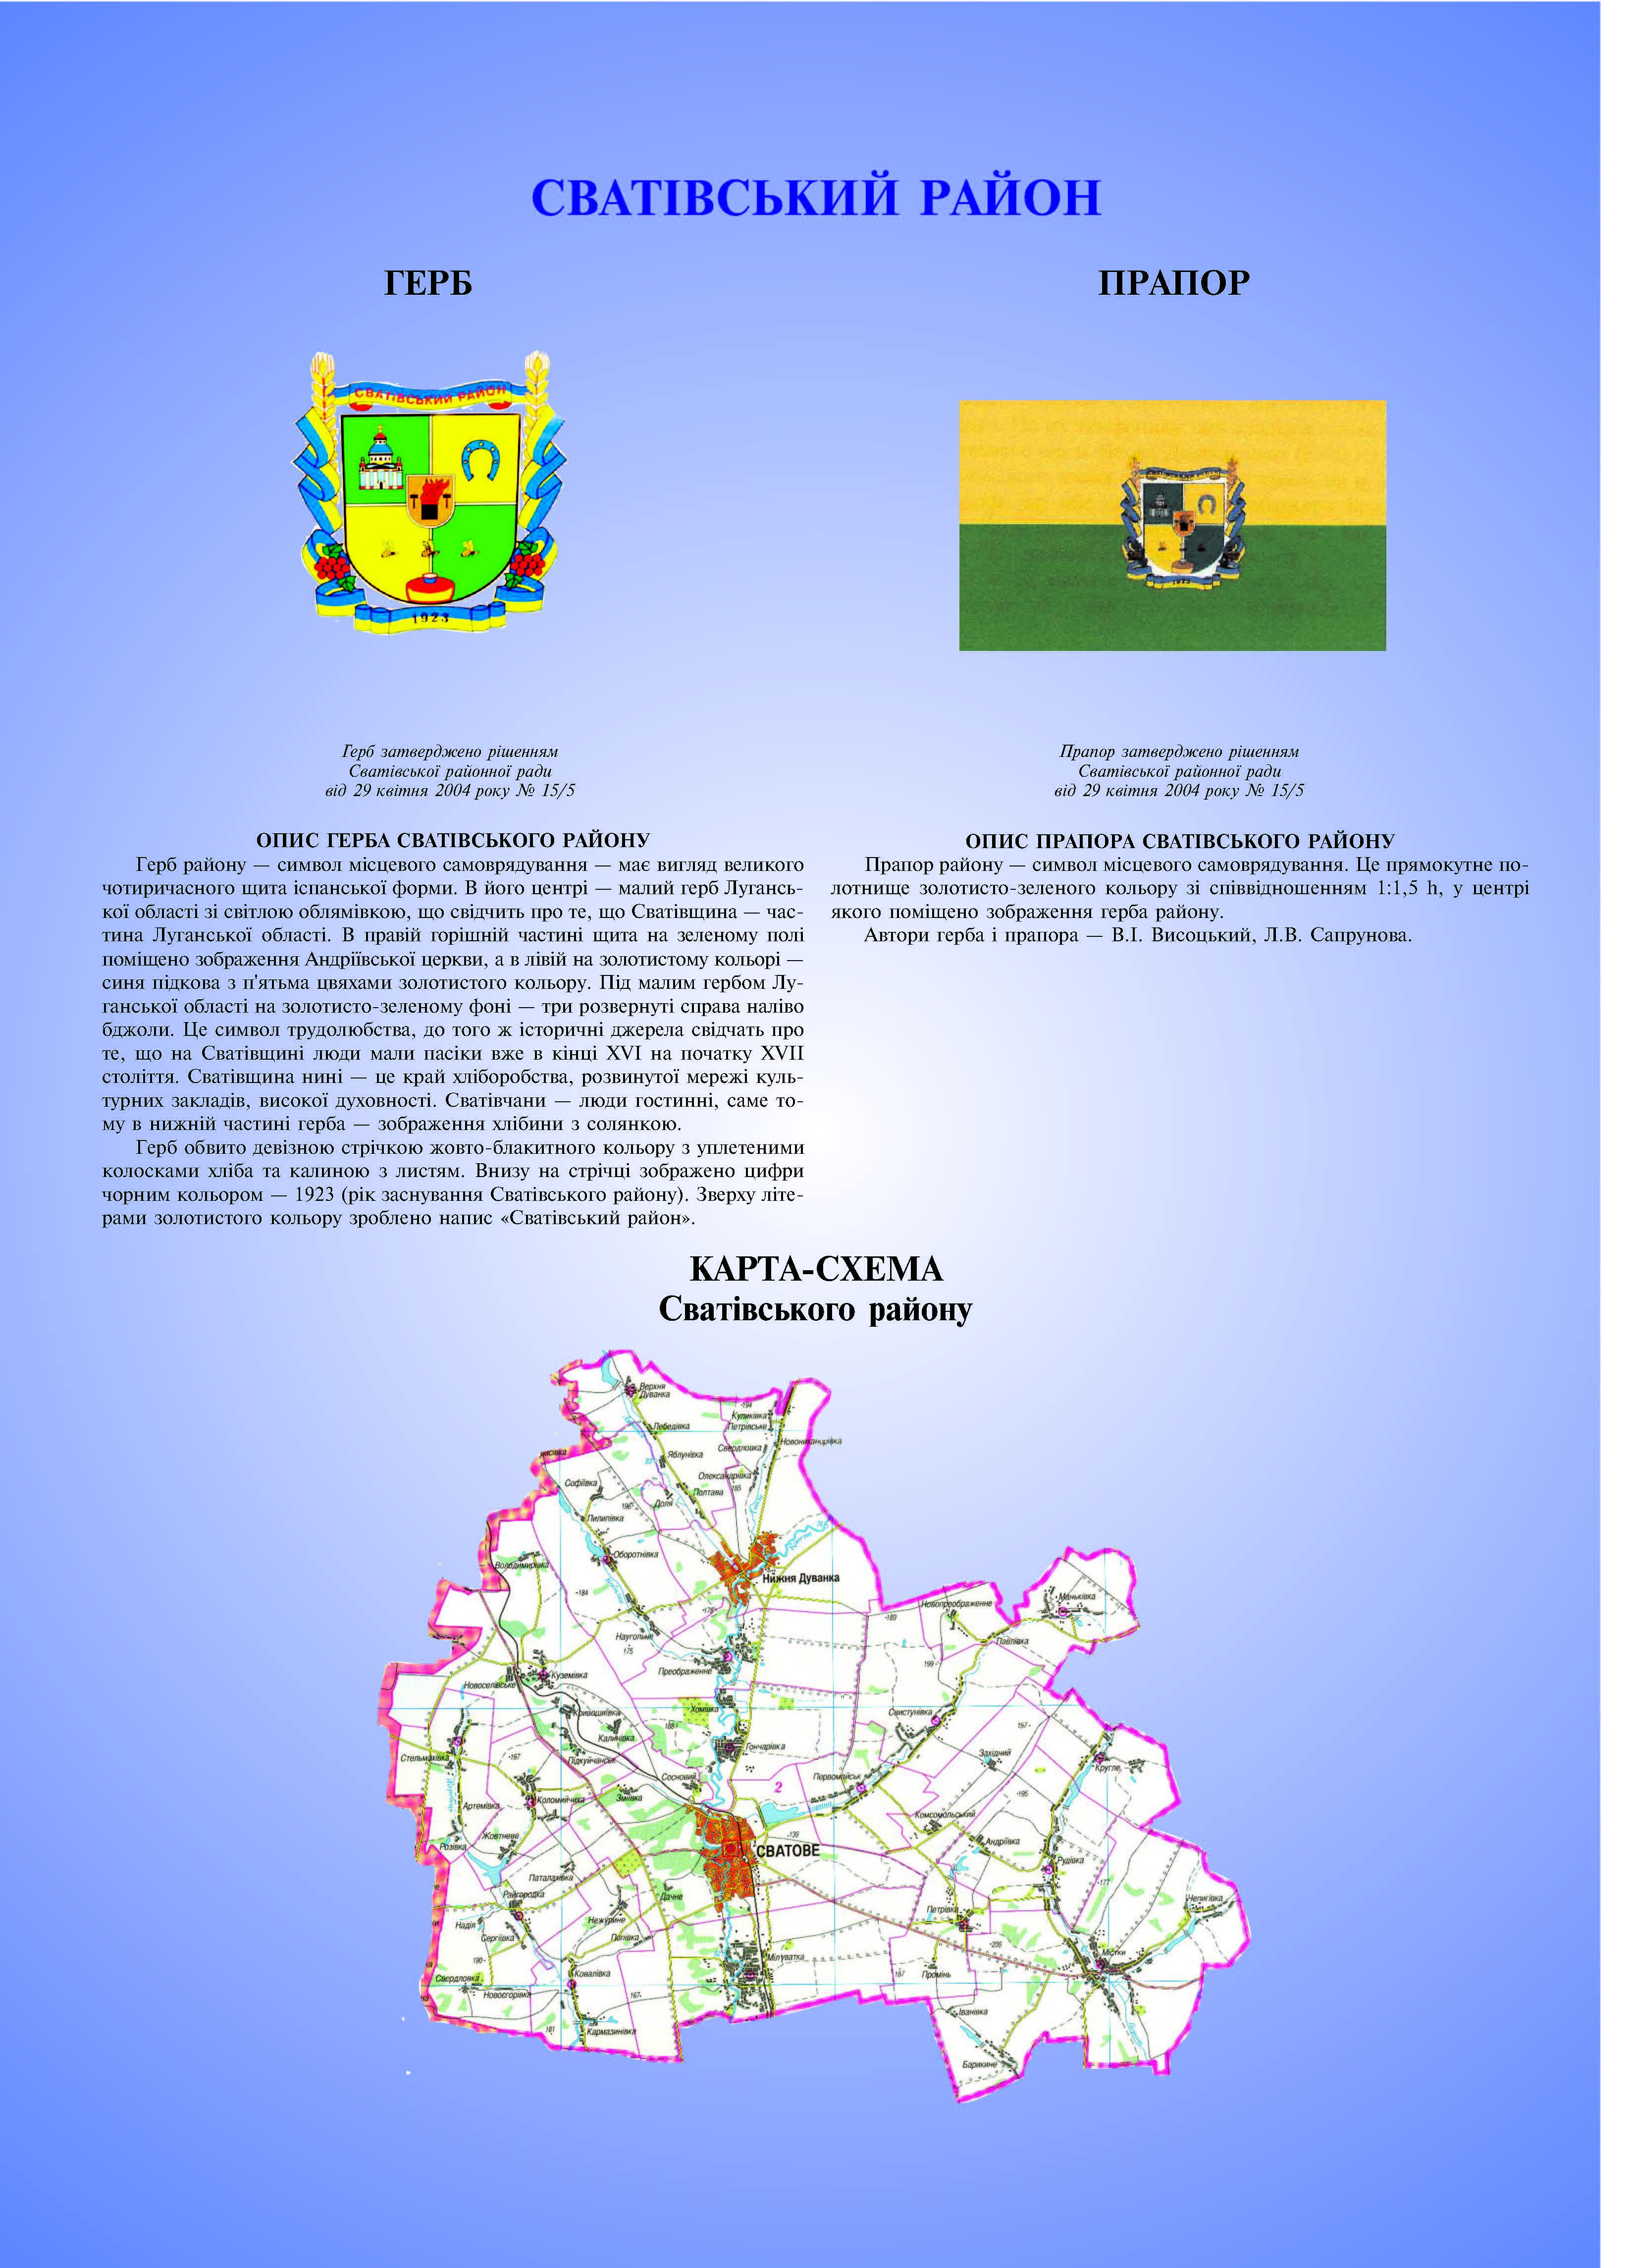 Геральдична символіка Сватівського  району. Карта-схема Сватівського  району